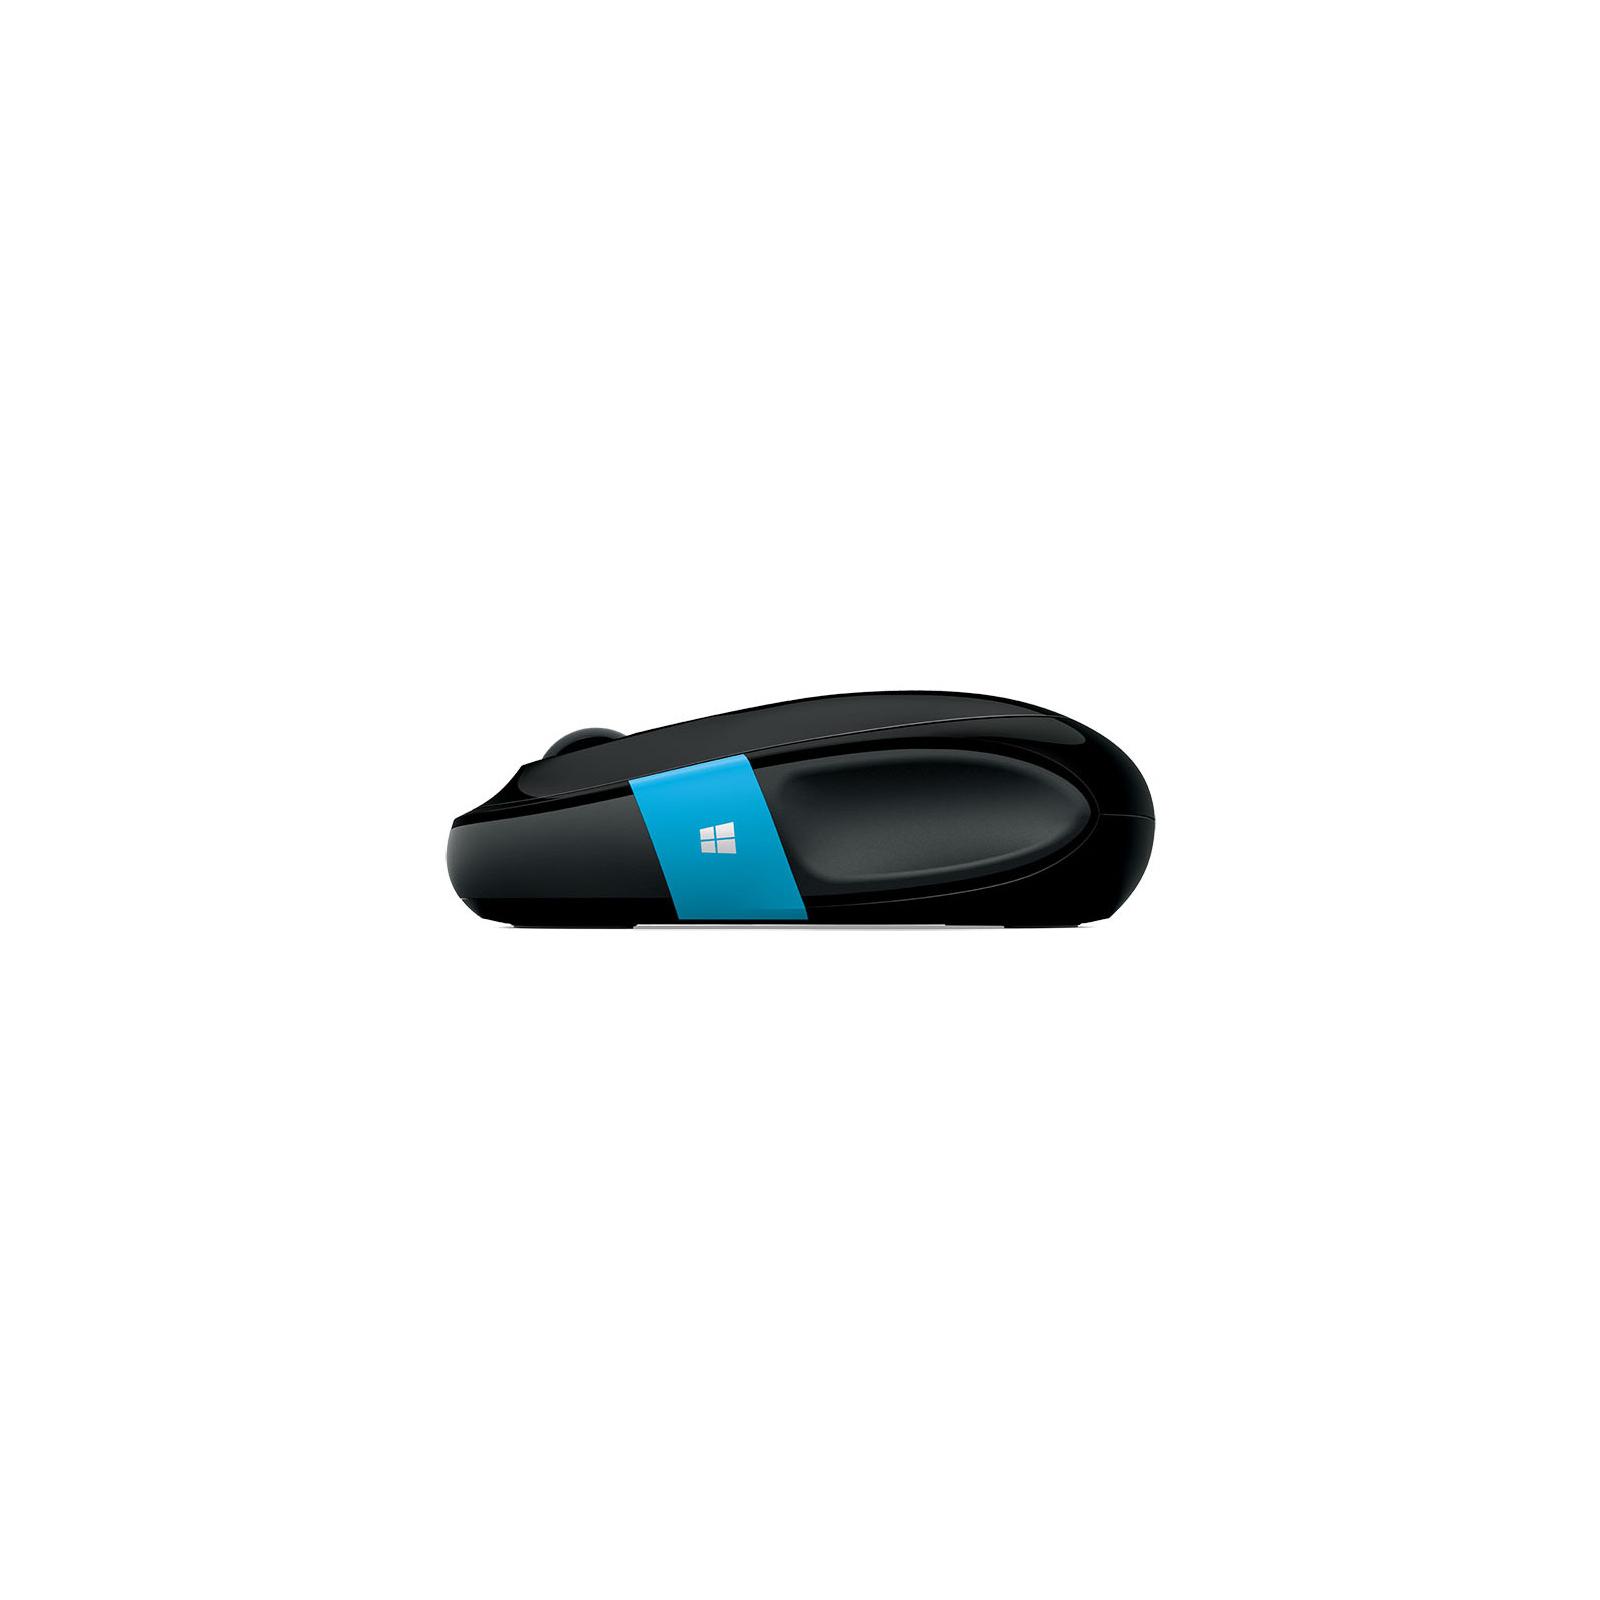 Мышка Microsoft Microsoft Sculpt Comfort BT (H3S-00002) изображение 3